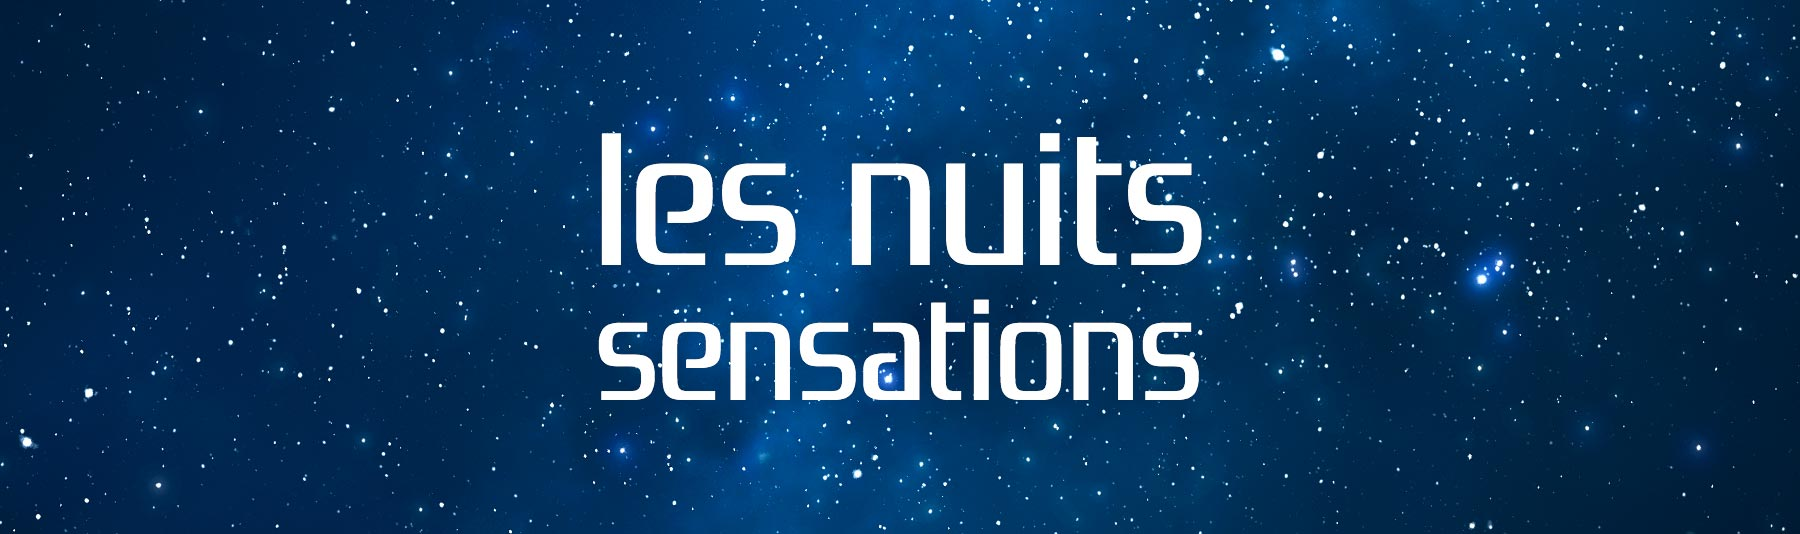 Les Nuits Sensations